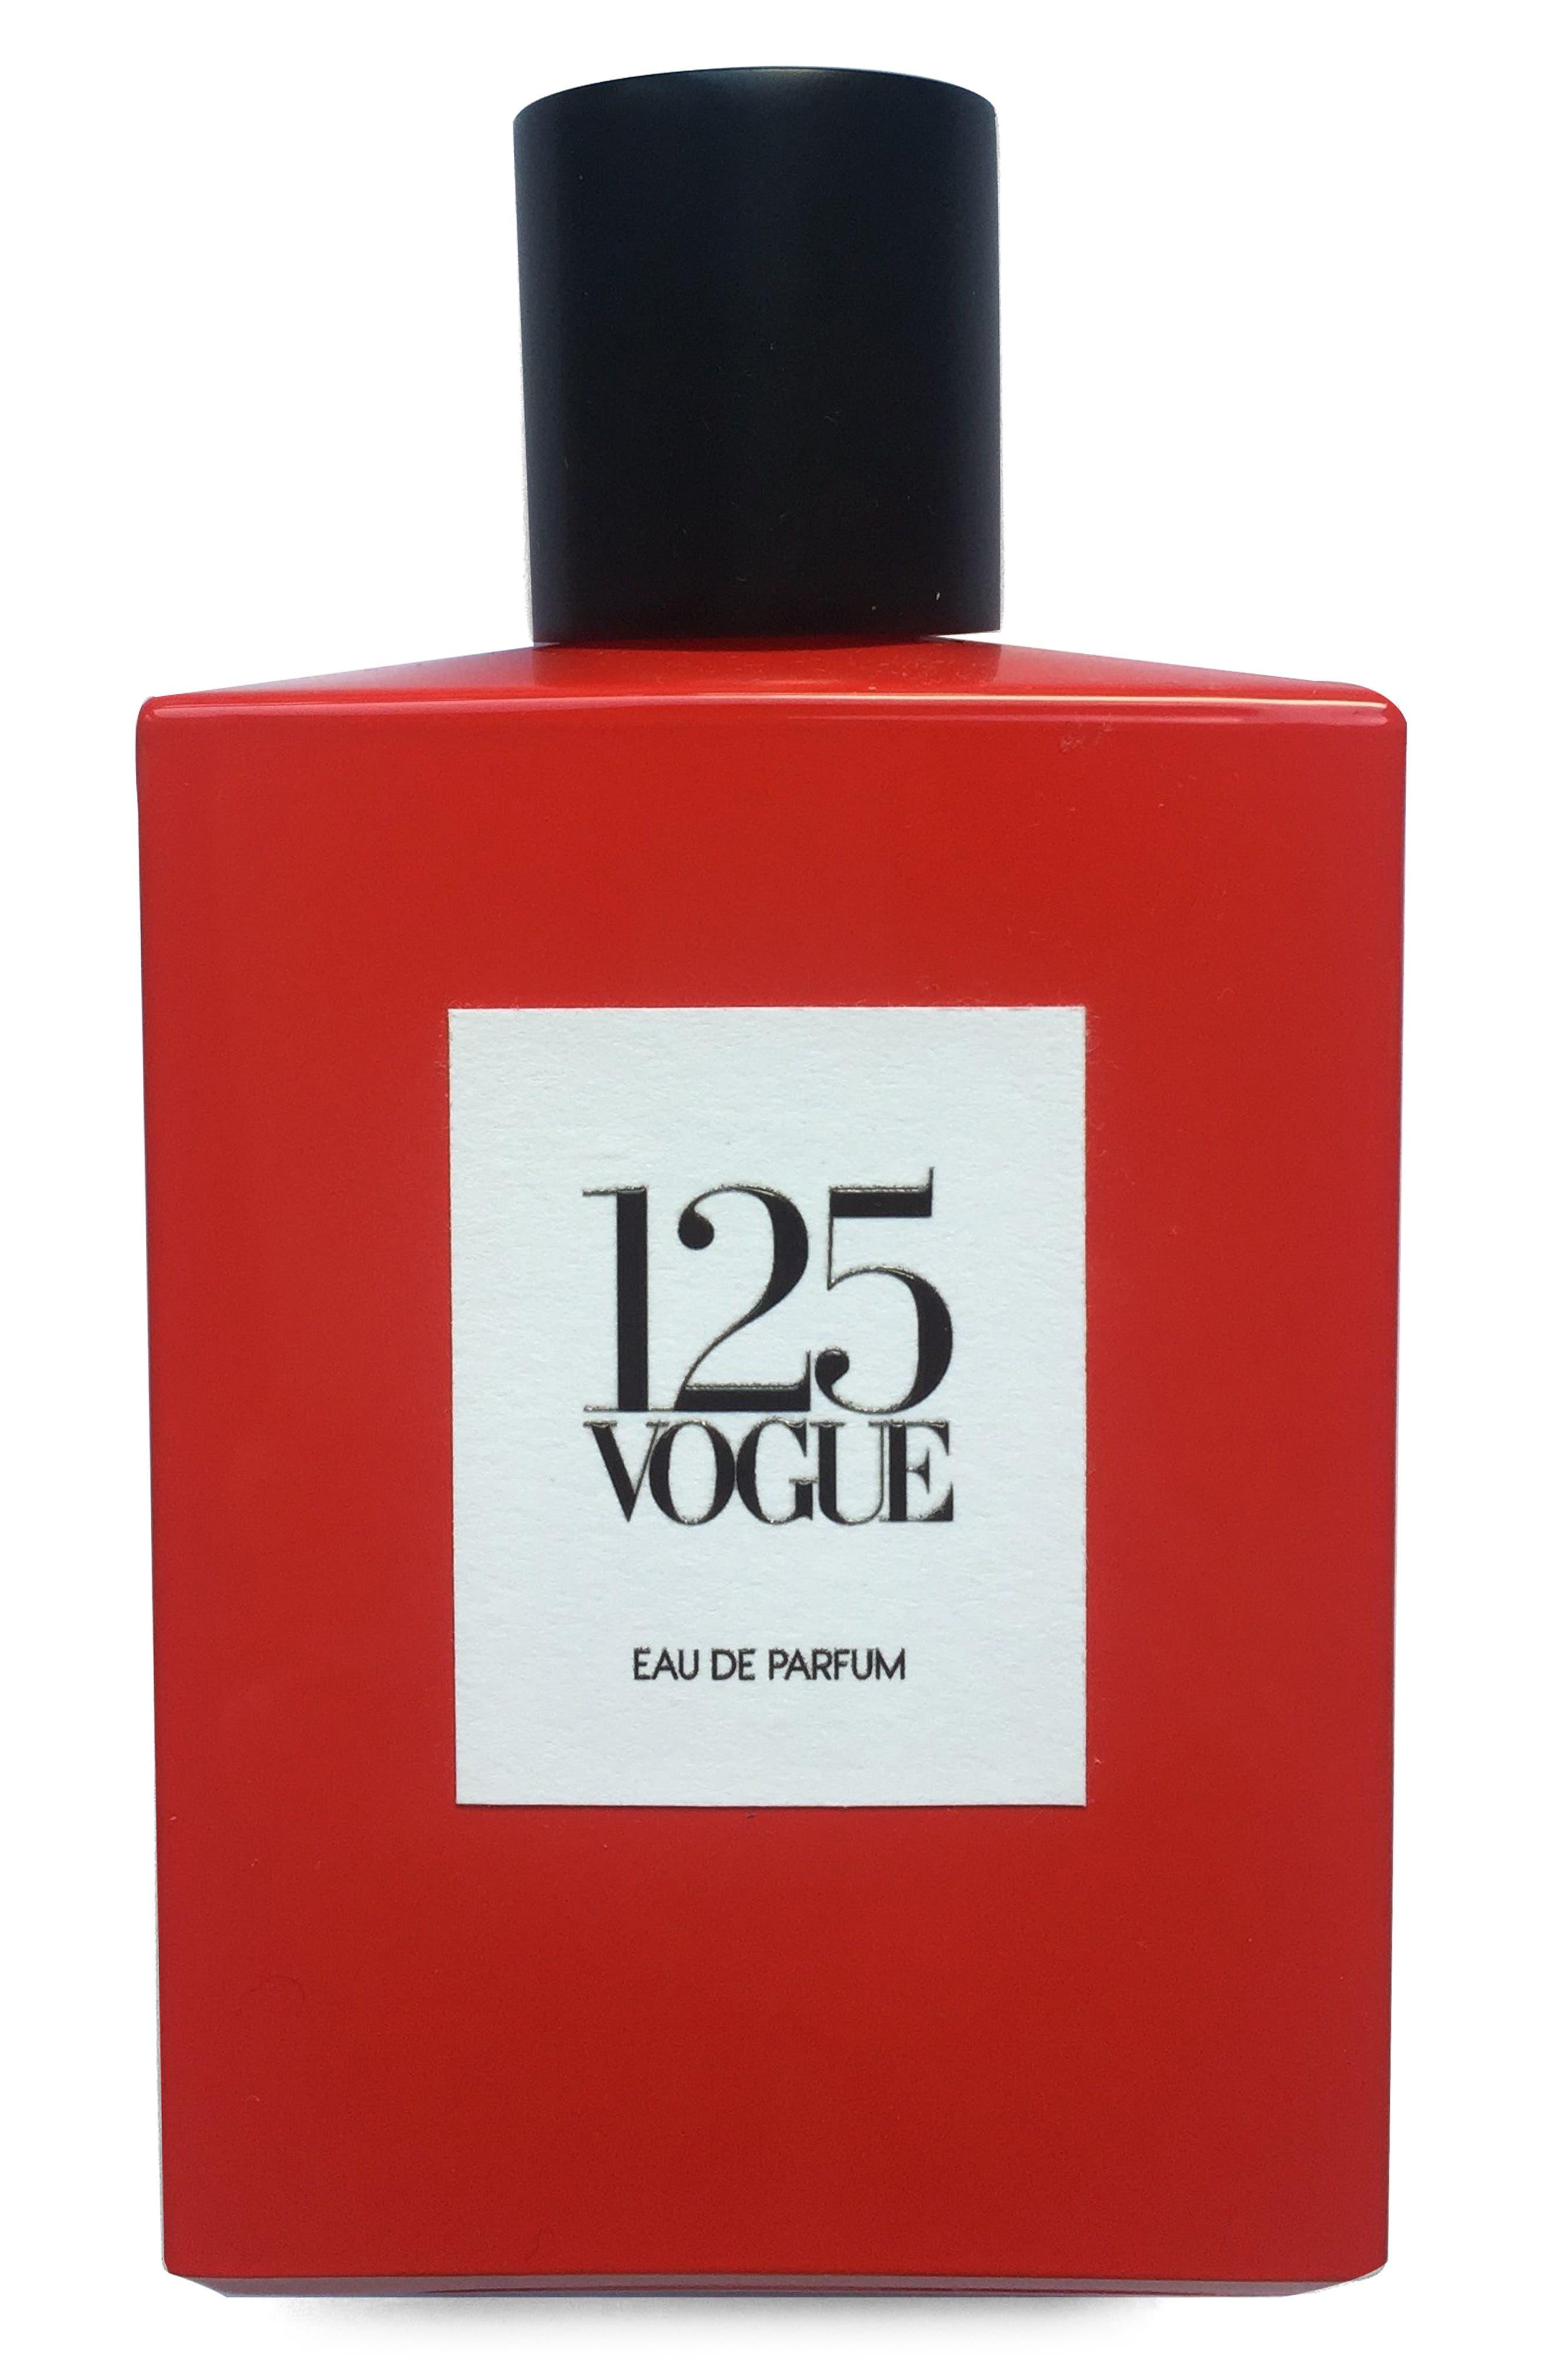 Alternate Image 1 Selected - Comme des Garçons 125 Vogue Eau de Parfum